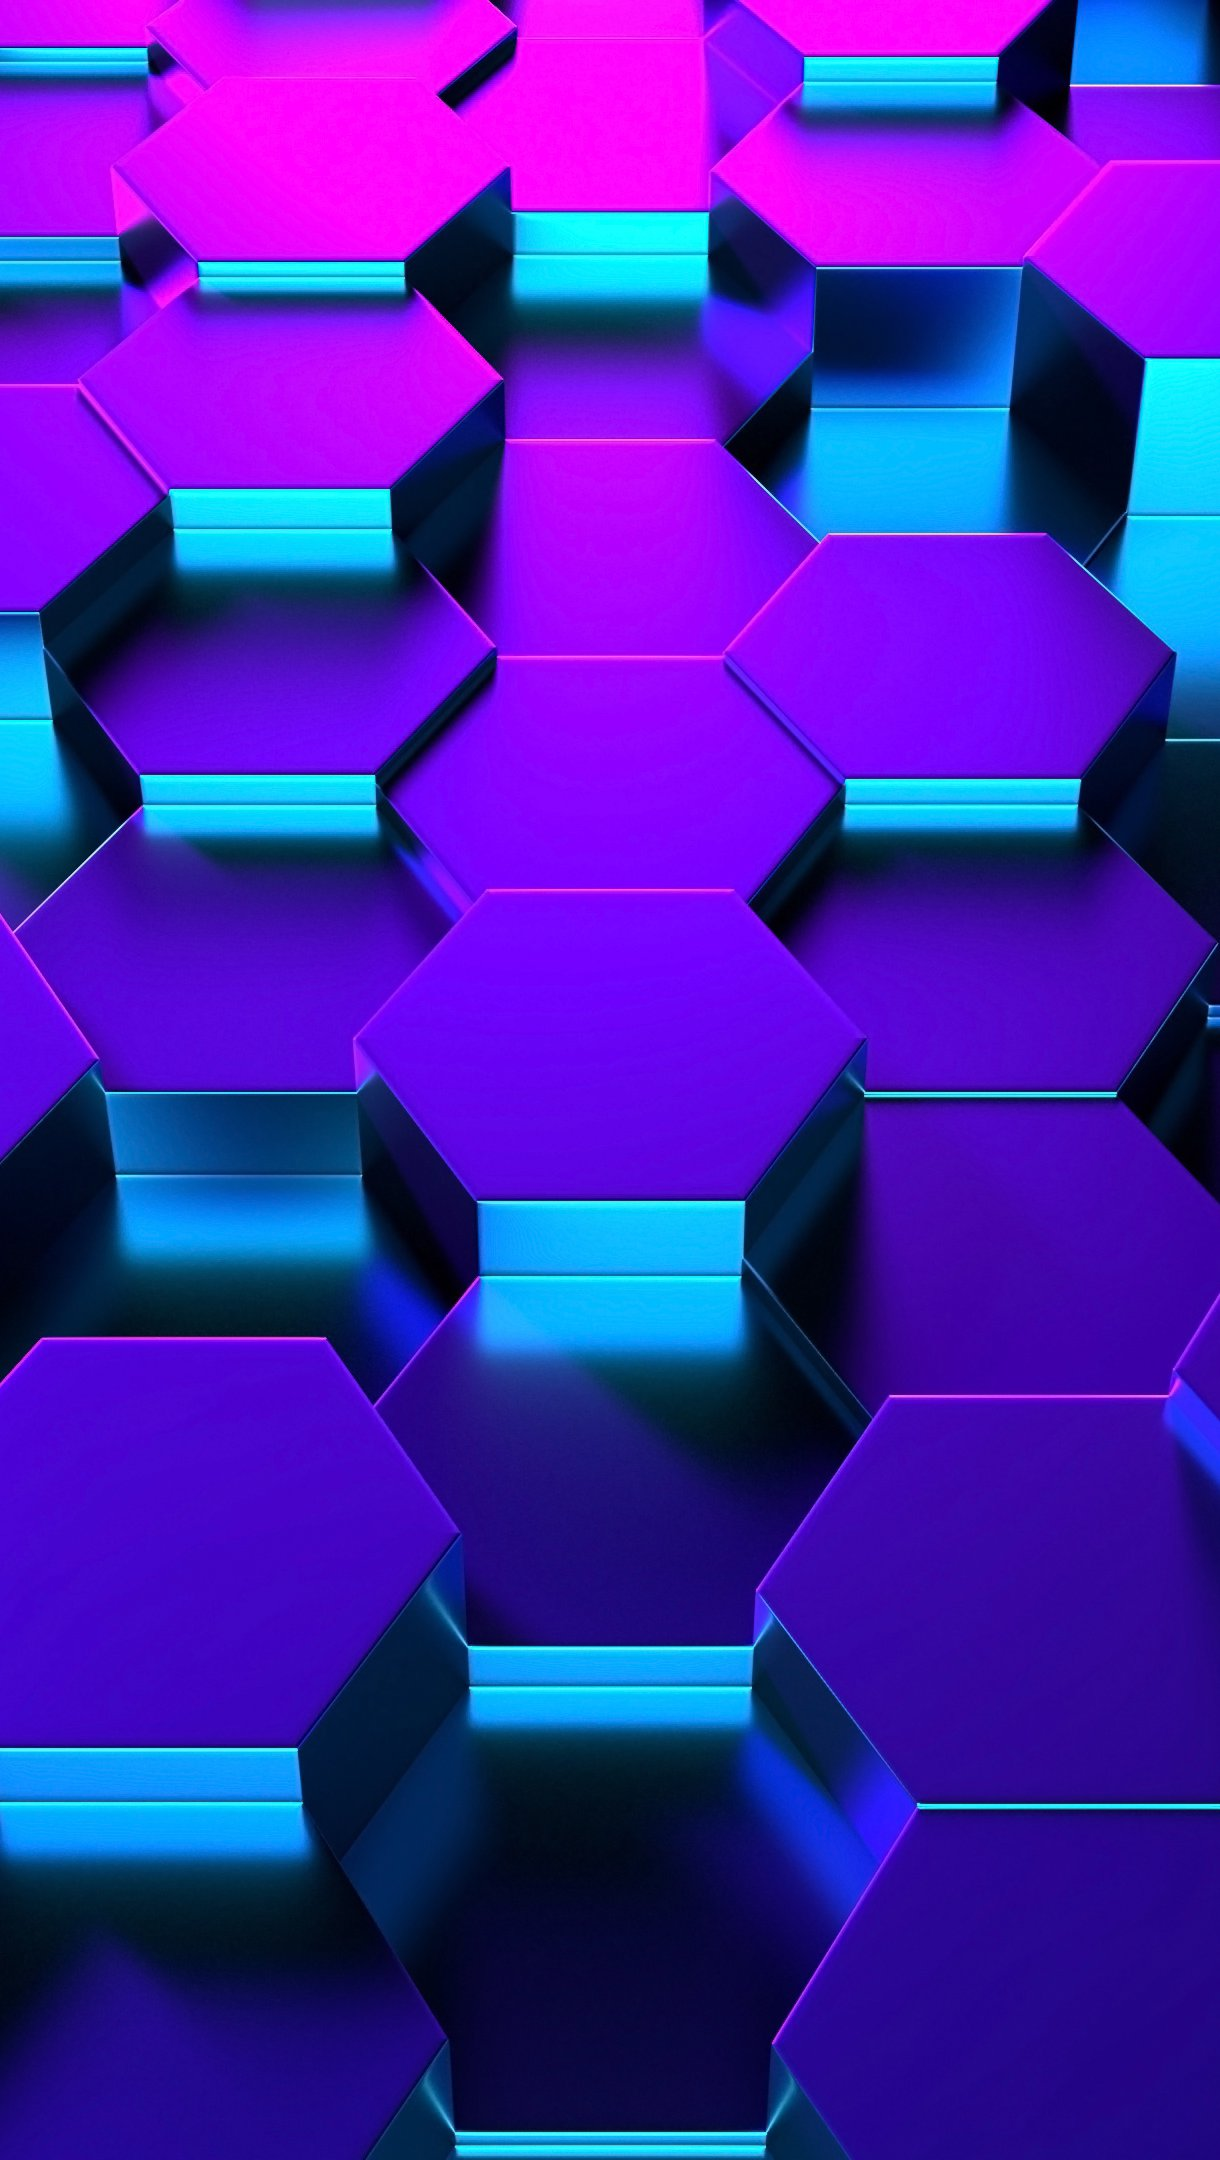 Fondos de pantalla Hexágonos 3D en perspectiva iluminación neón Vertical